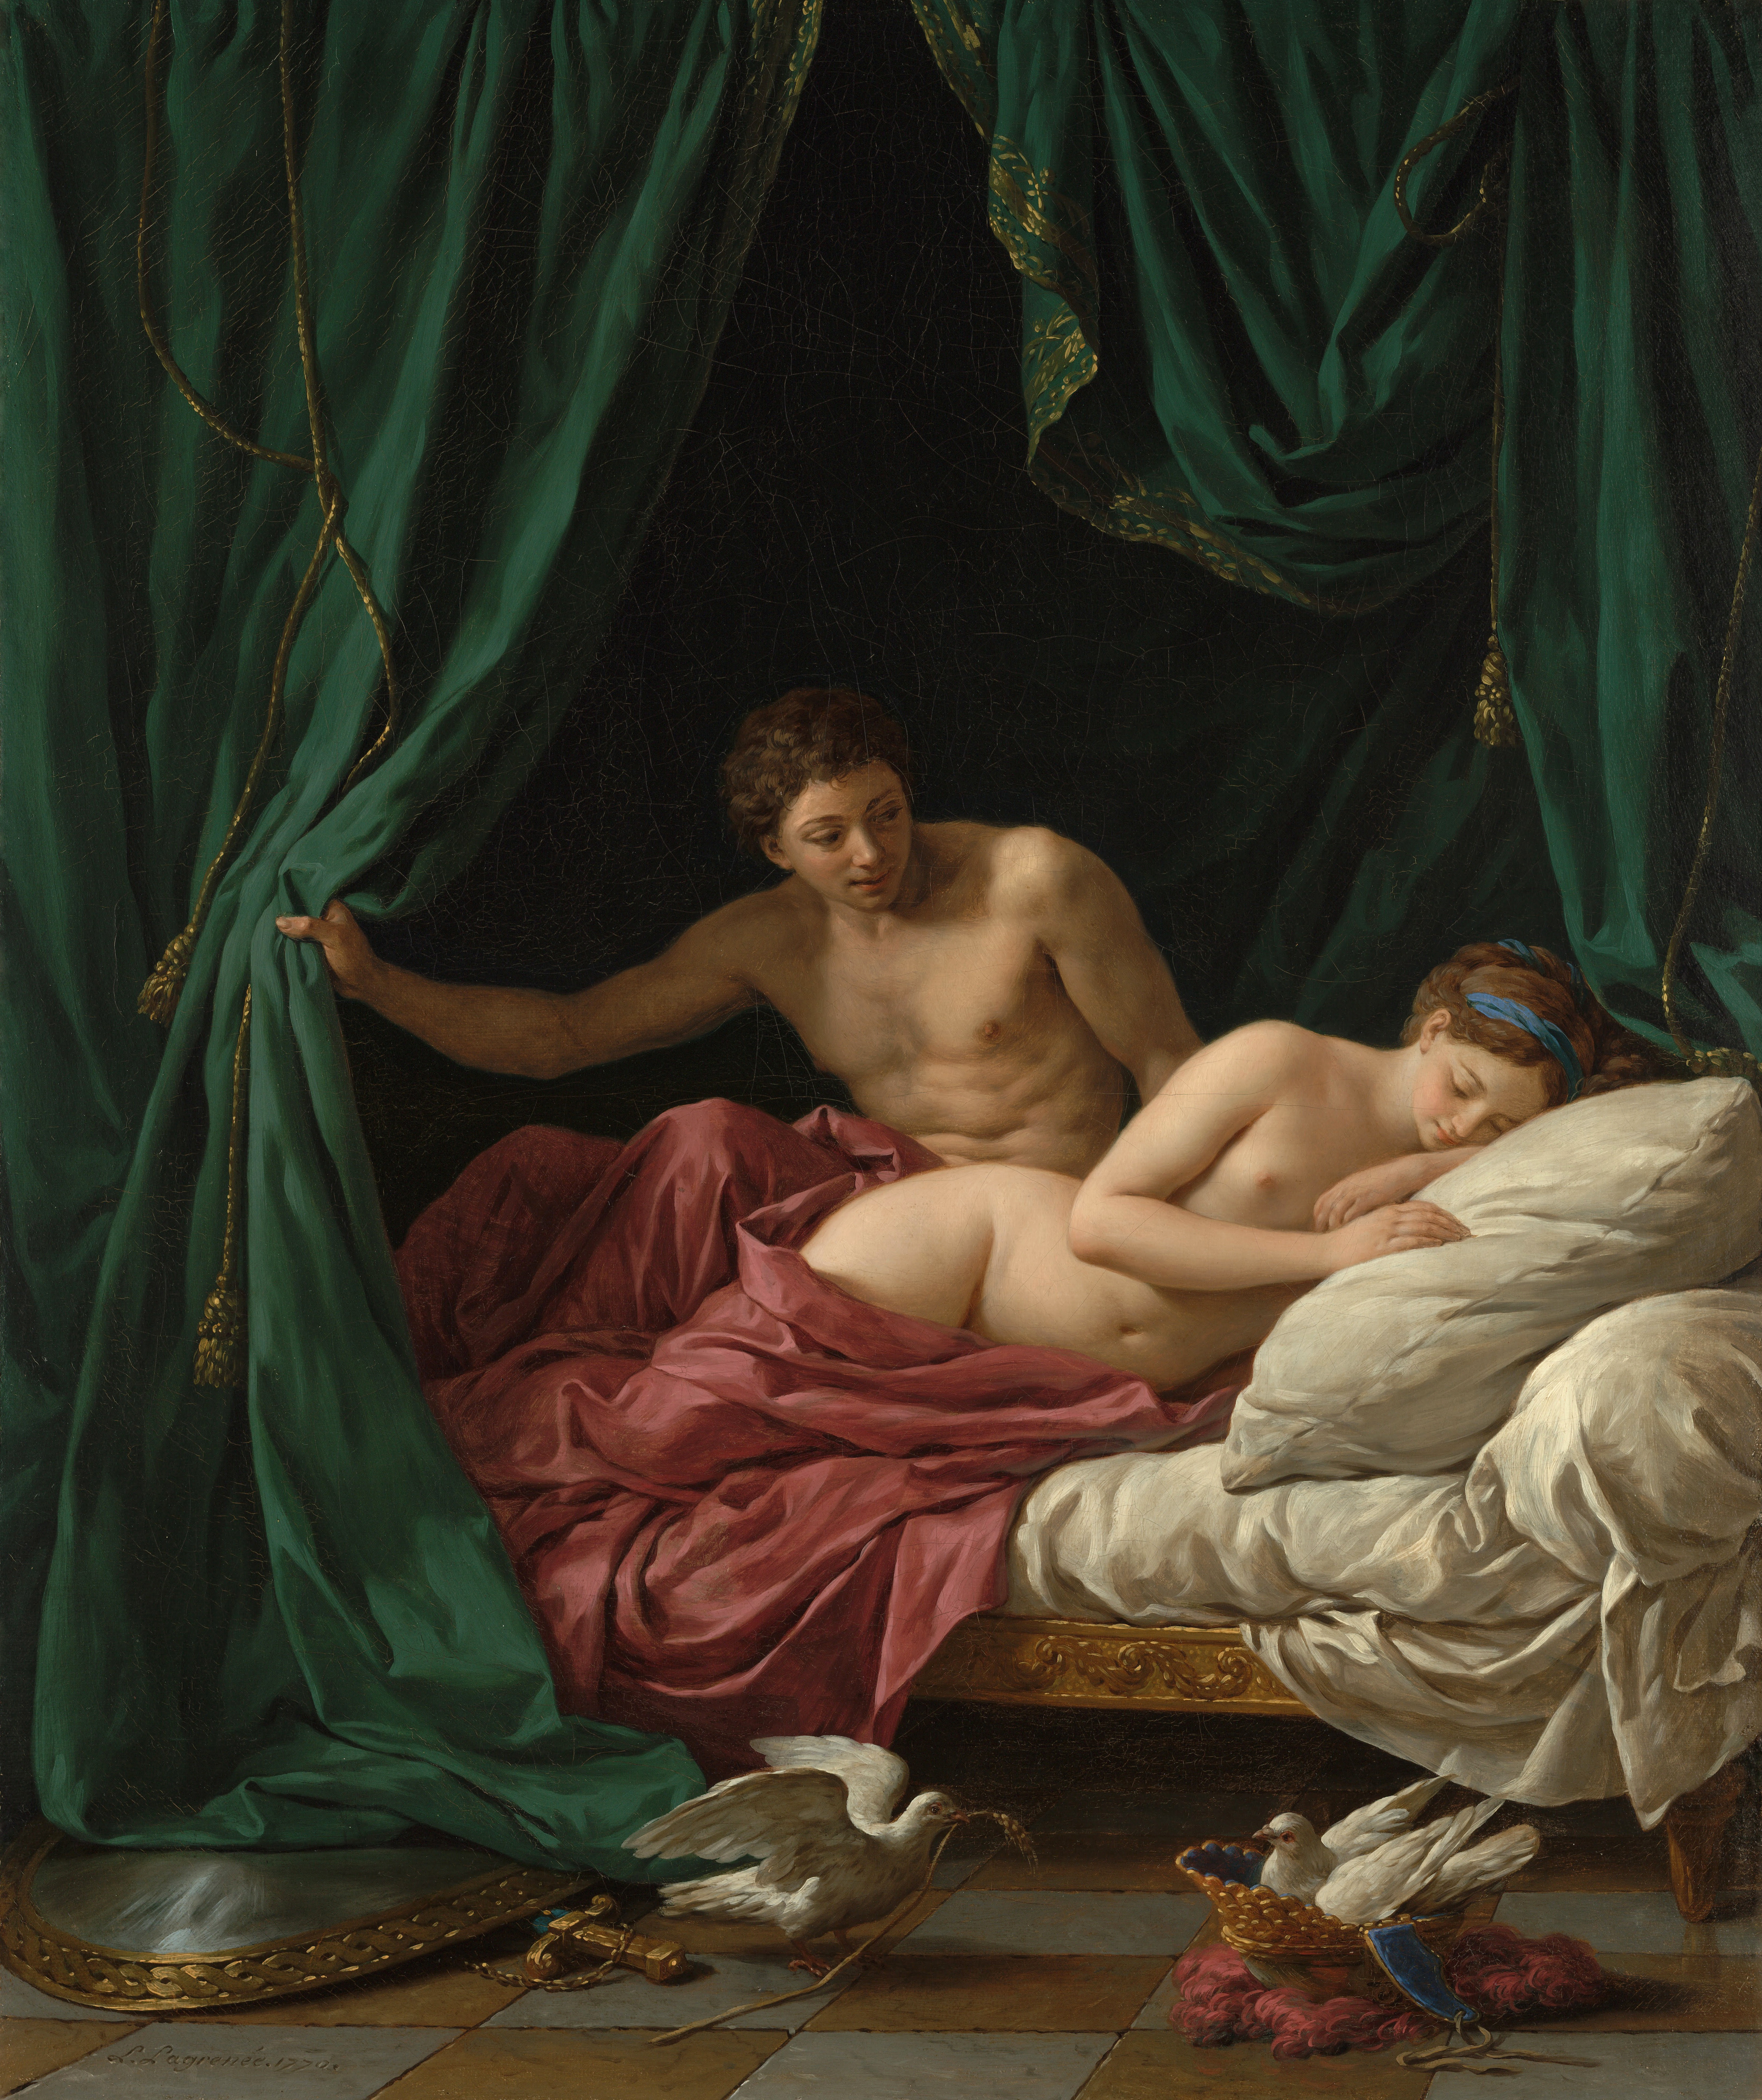 Venus dating Marte